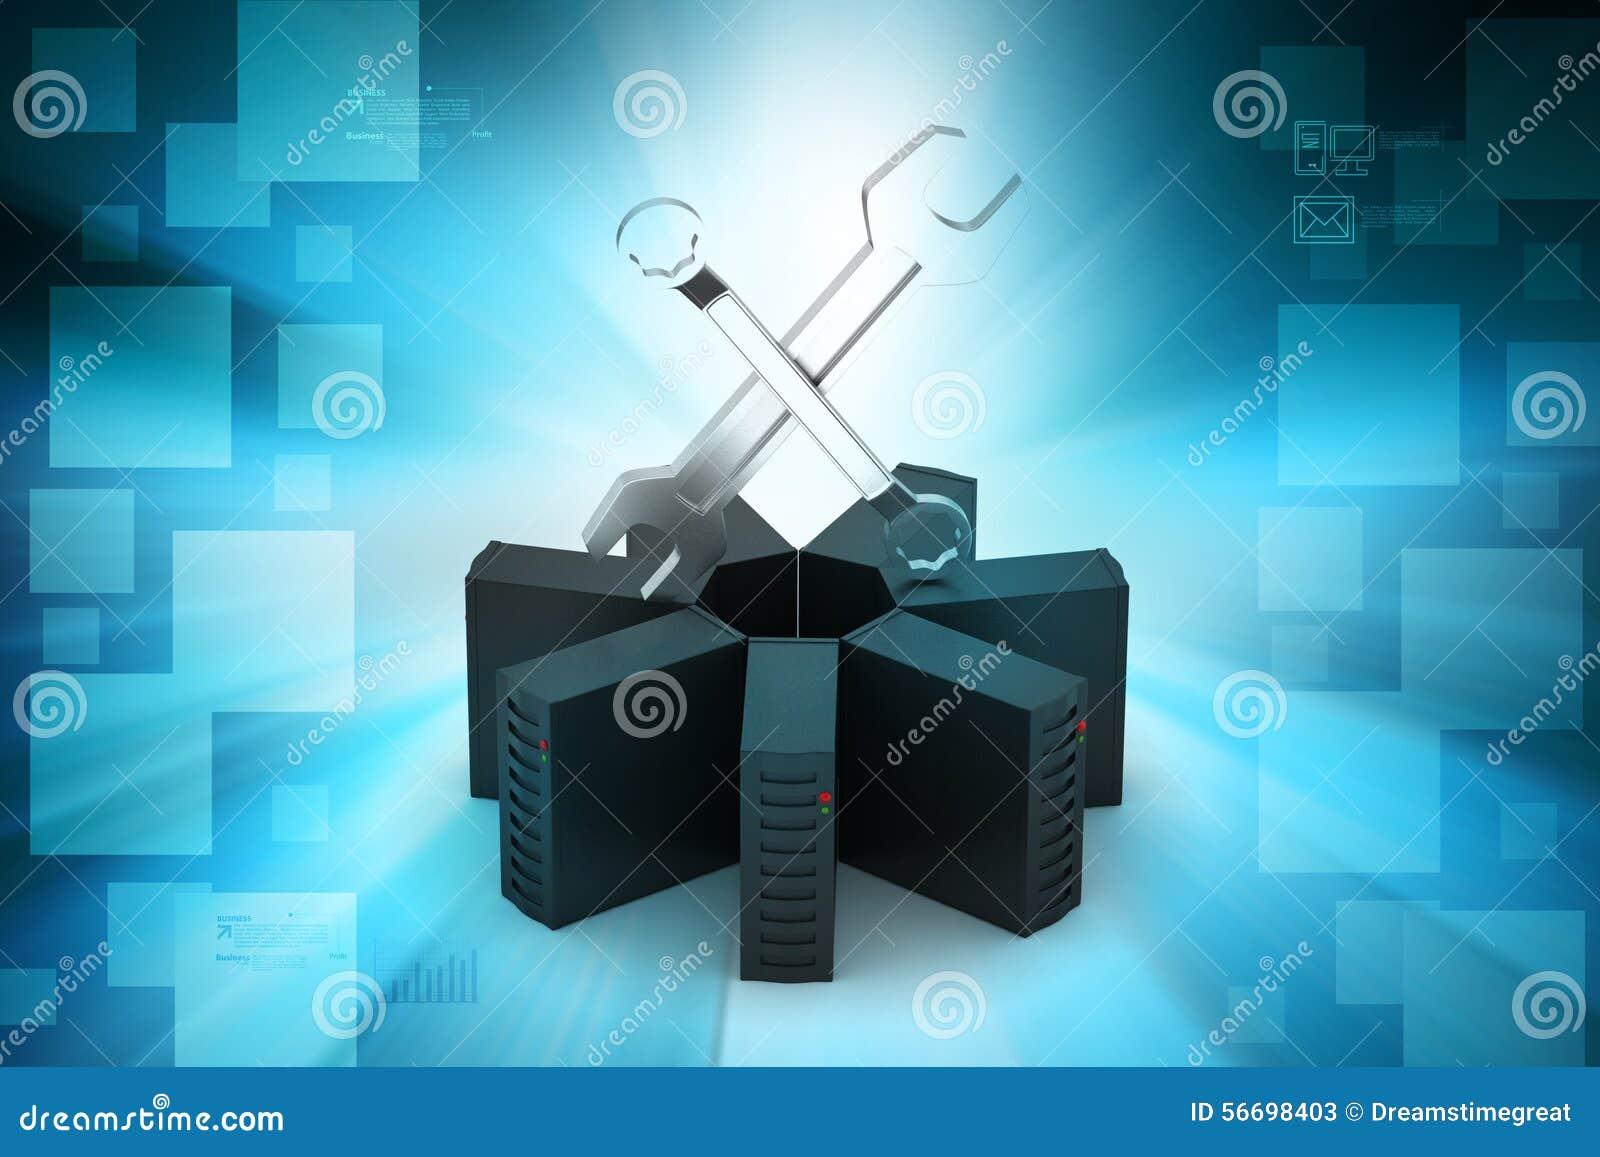 Voorzien van een netwerk en communicatie concept stock illustratie afbeelding 56698403 - Een wasruimte voorzien ...